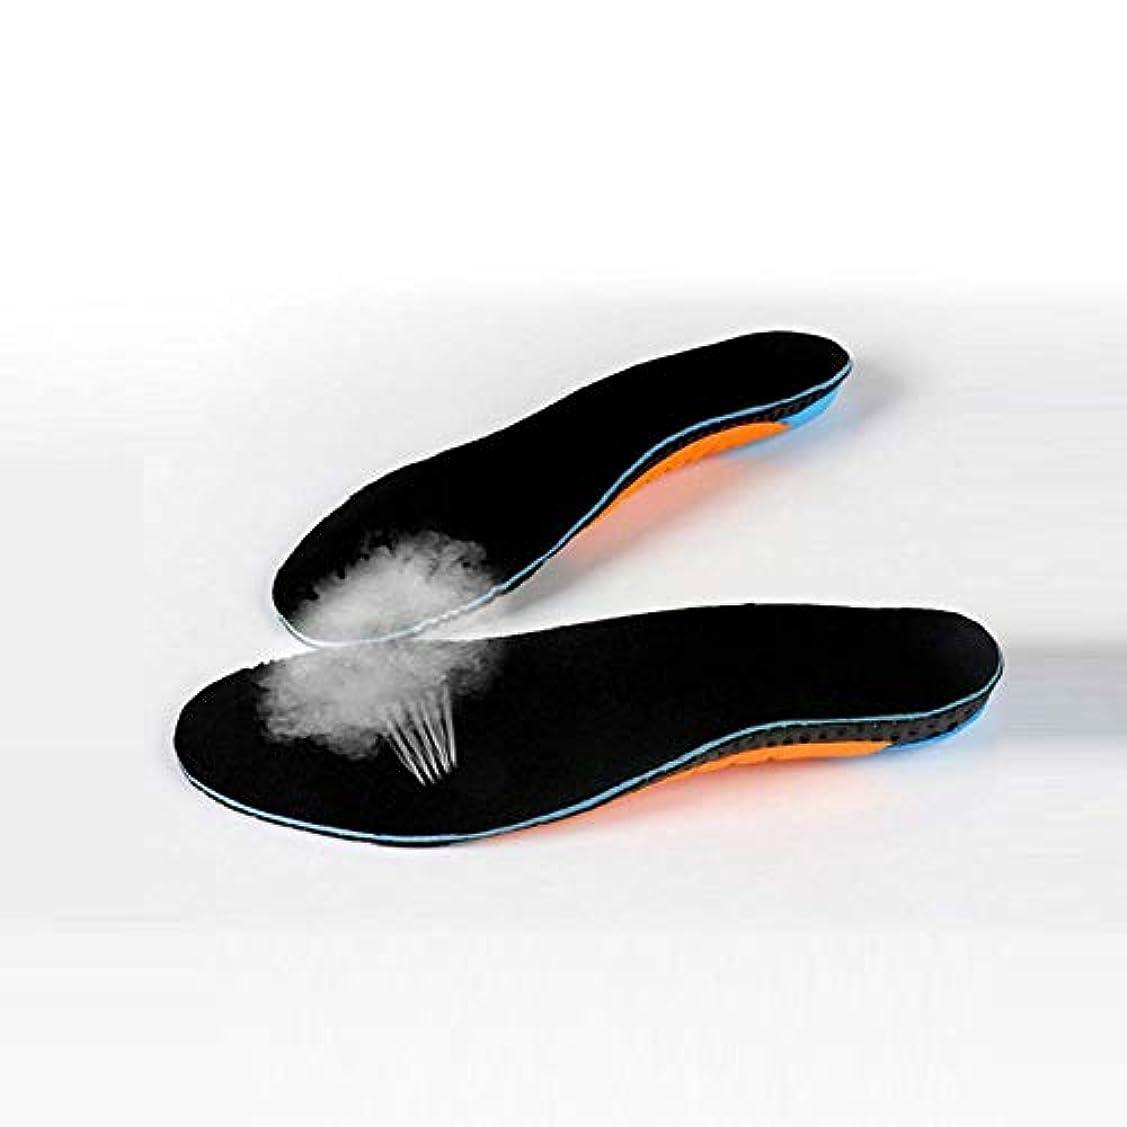 ねばねば正確にしてはいけない男性と女性のためのフラットフィートハイアーチサポートインソールのための足底筋膜炎インソールの矯正インソール